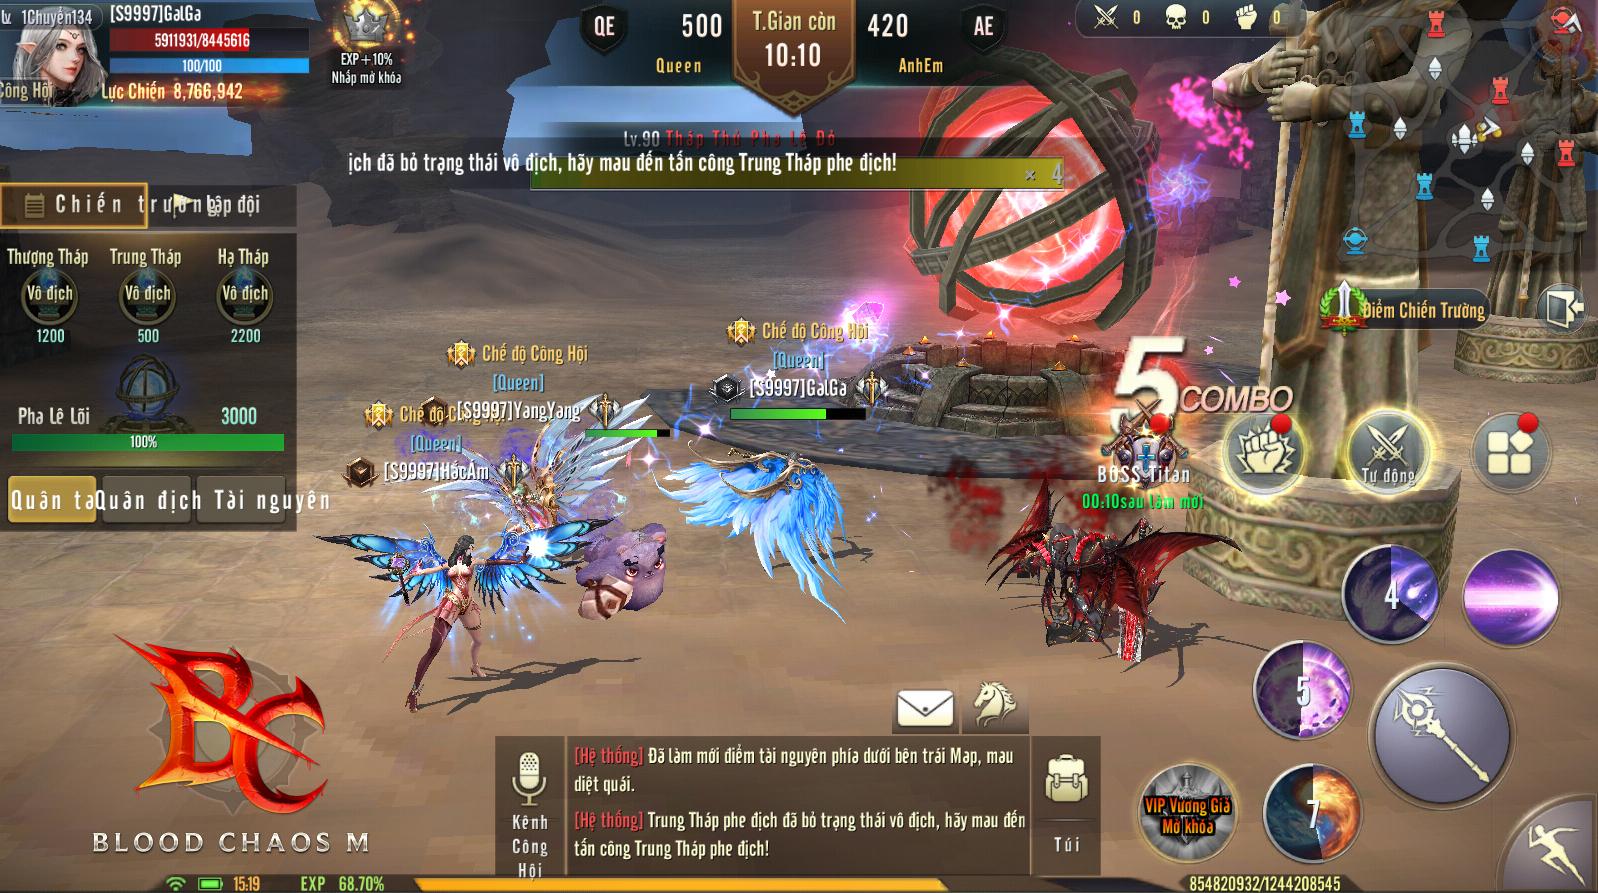 Game thủ Việt - Hàn - Thái nói gì về Blood Chaos M - siêu phẩm nhập vai 18+ sắp ra mắt? - Ảnh 14.